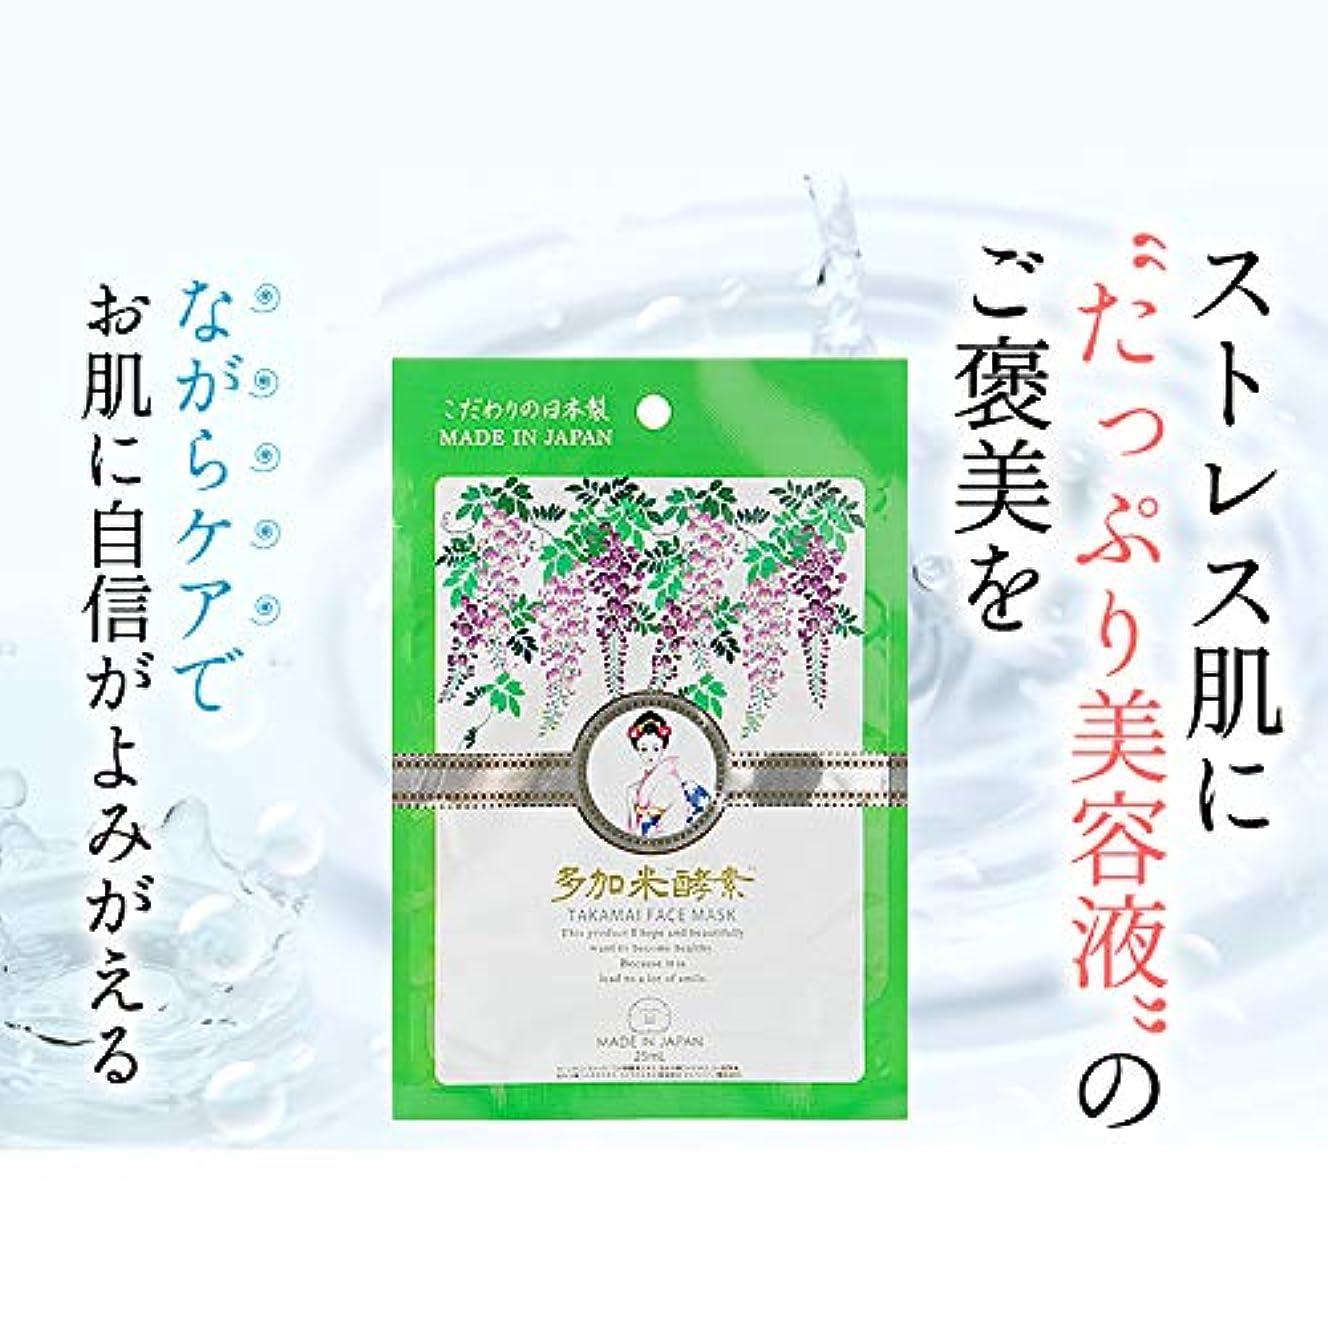 北有彩色の操作可能多加米酵素フェイスマスク シートマスク フェイスマスク 保湿マスク 美容液 25ml 20枚セット